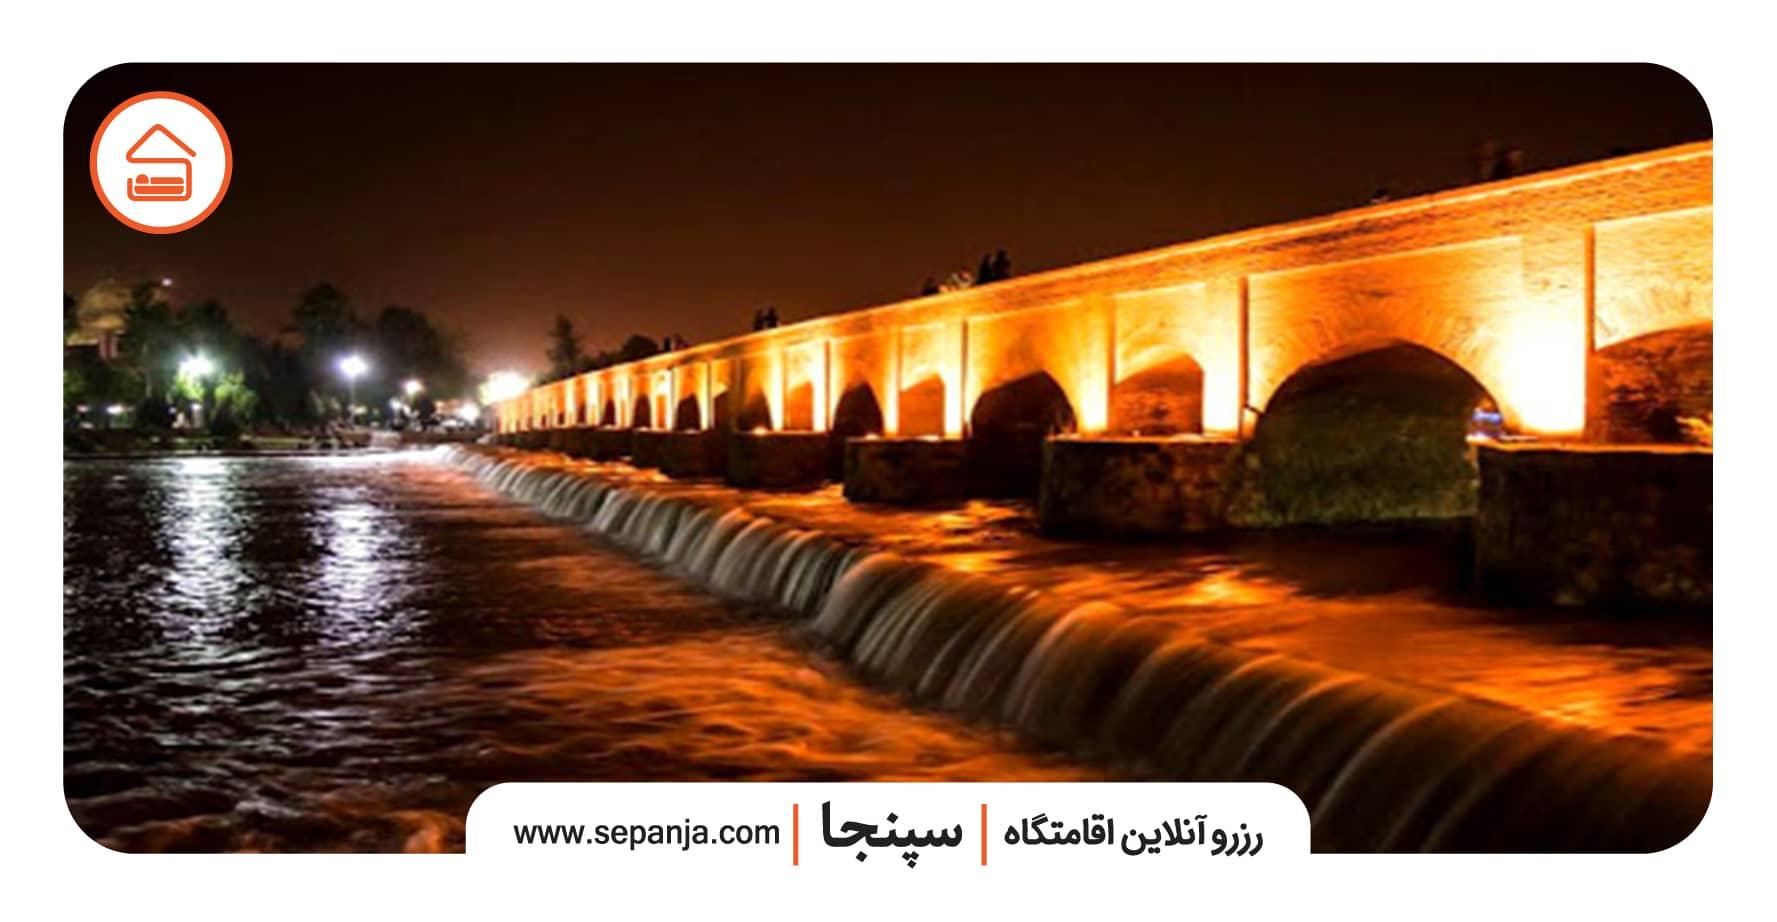 نمایی از پل مارنان به عنوان یکی از مکان های ناشناخته اصفهان